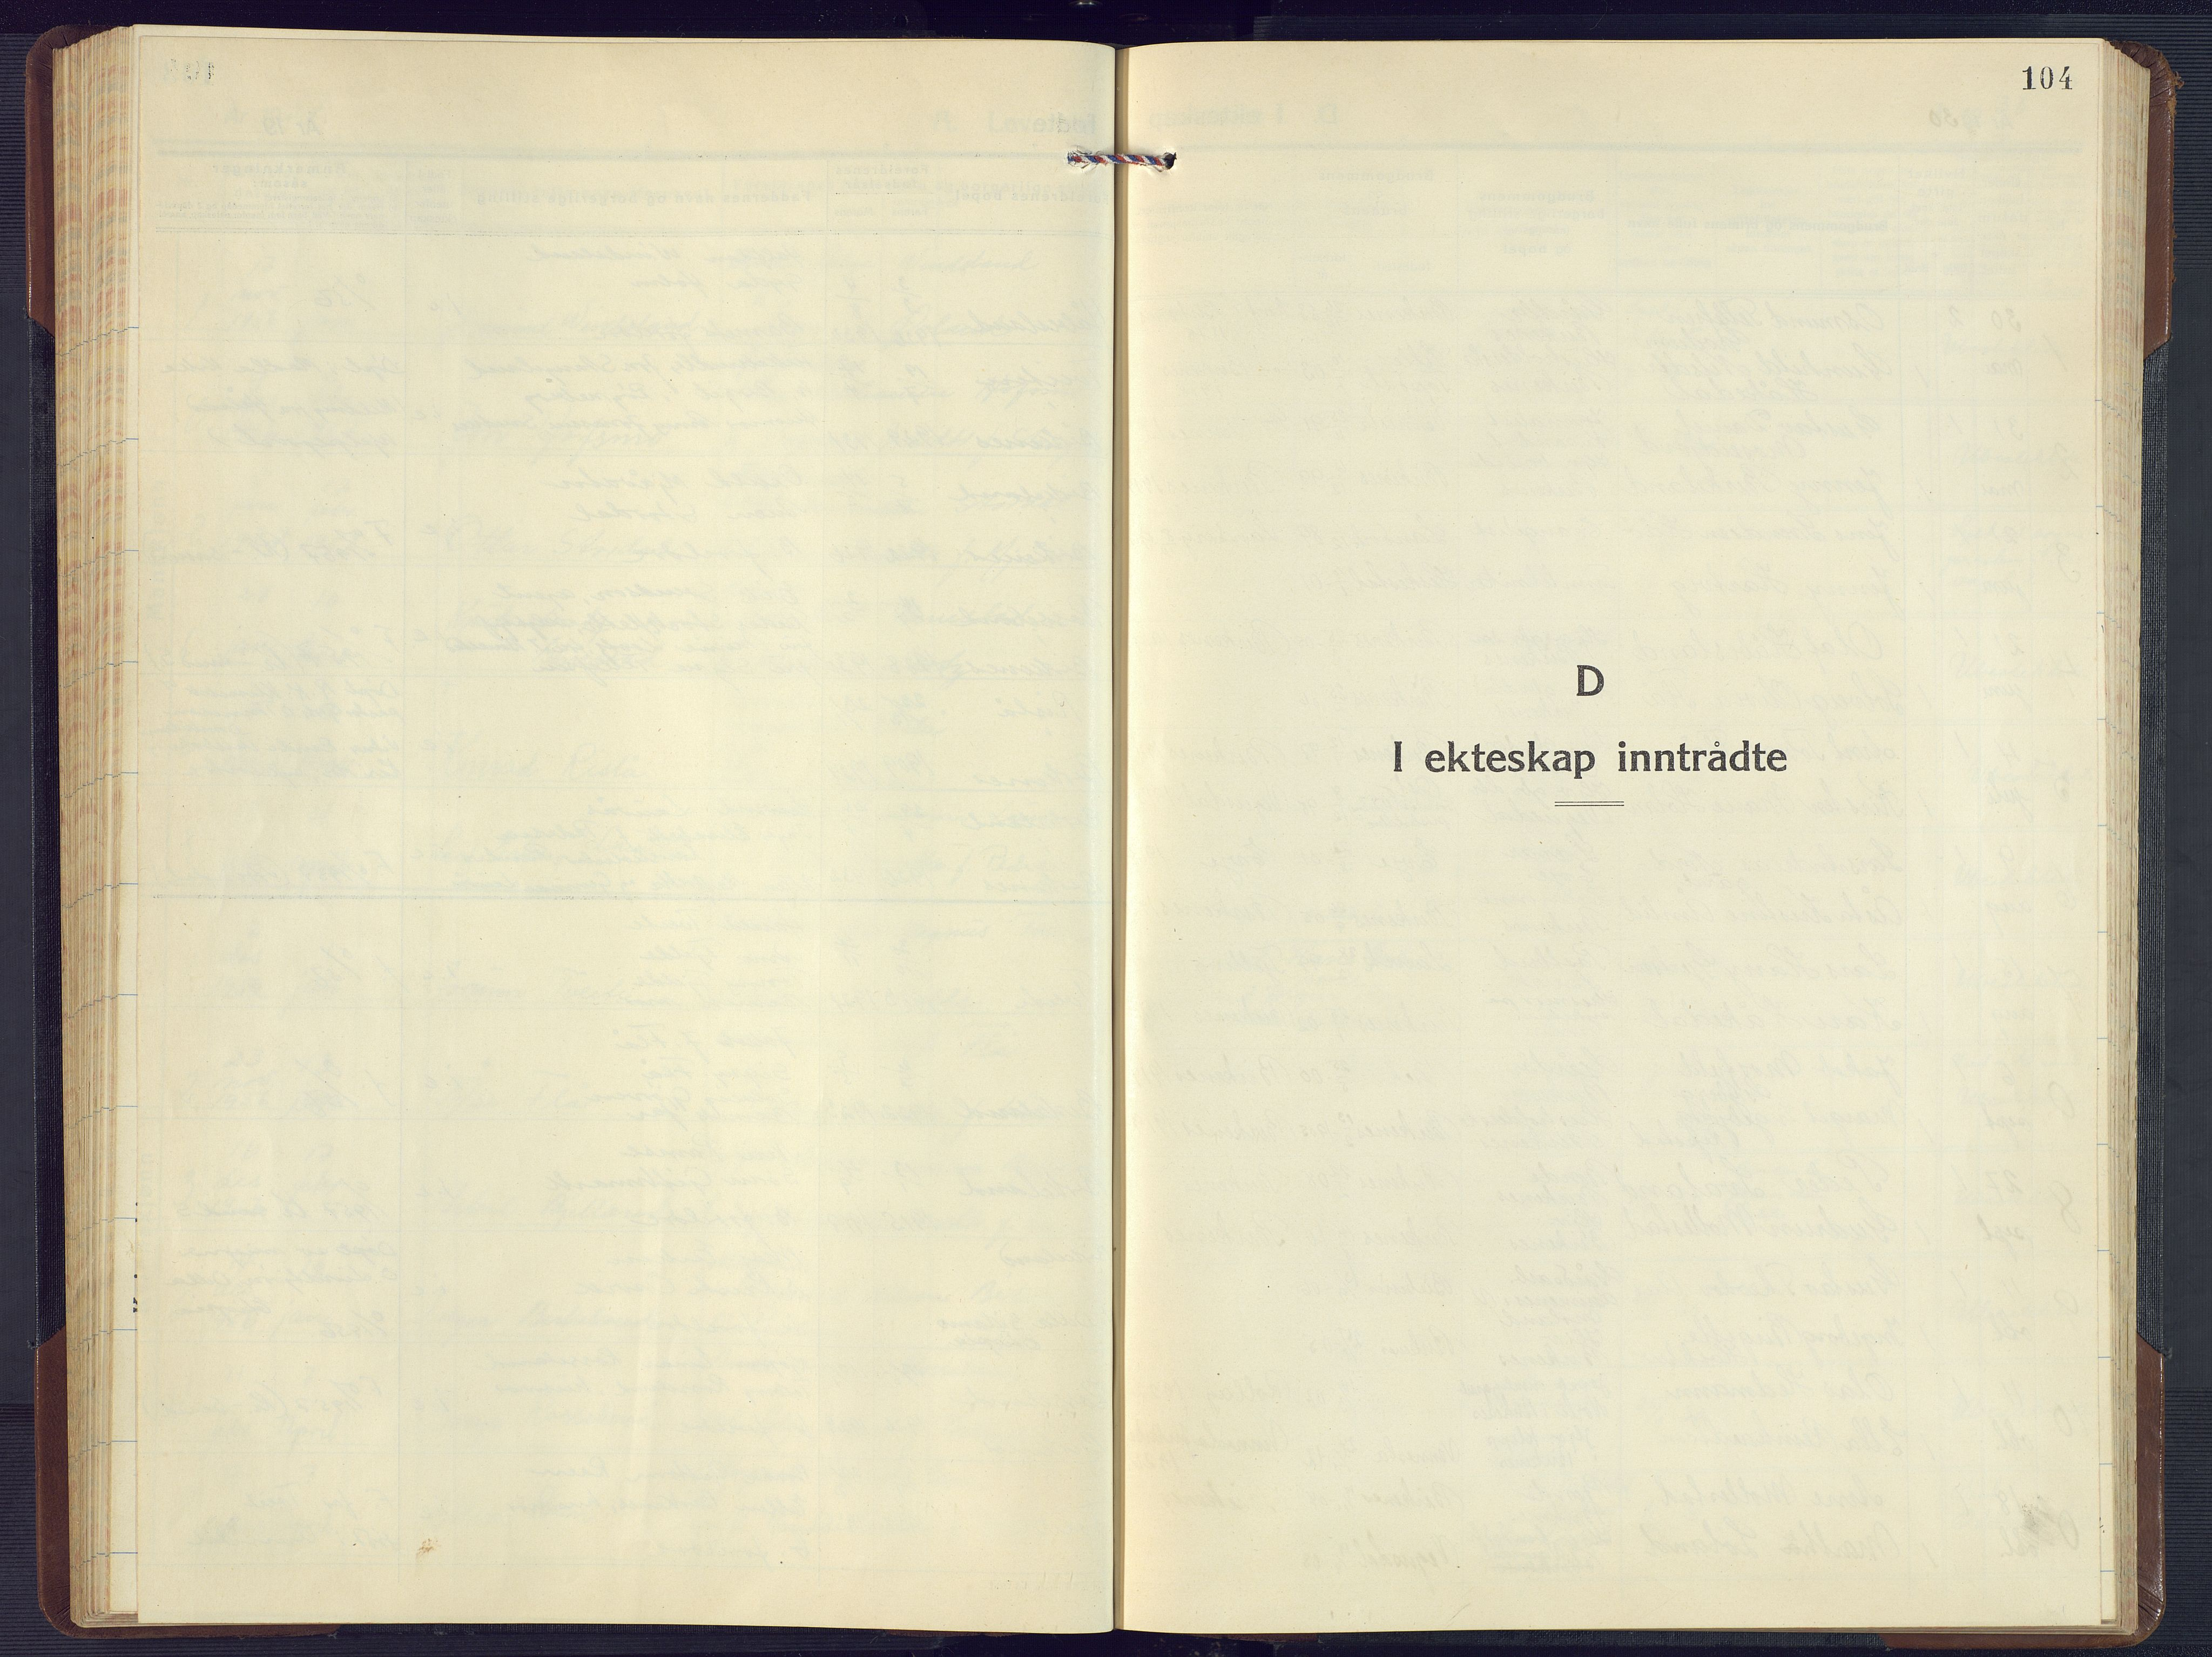 SAK, Birkenes sokneprestkontor, F/Fb/L0005: Klokkerbok nr. B 5, 1930-1957, s. 104